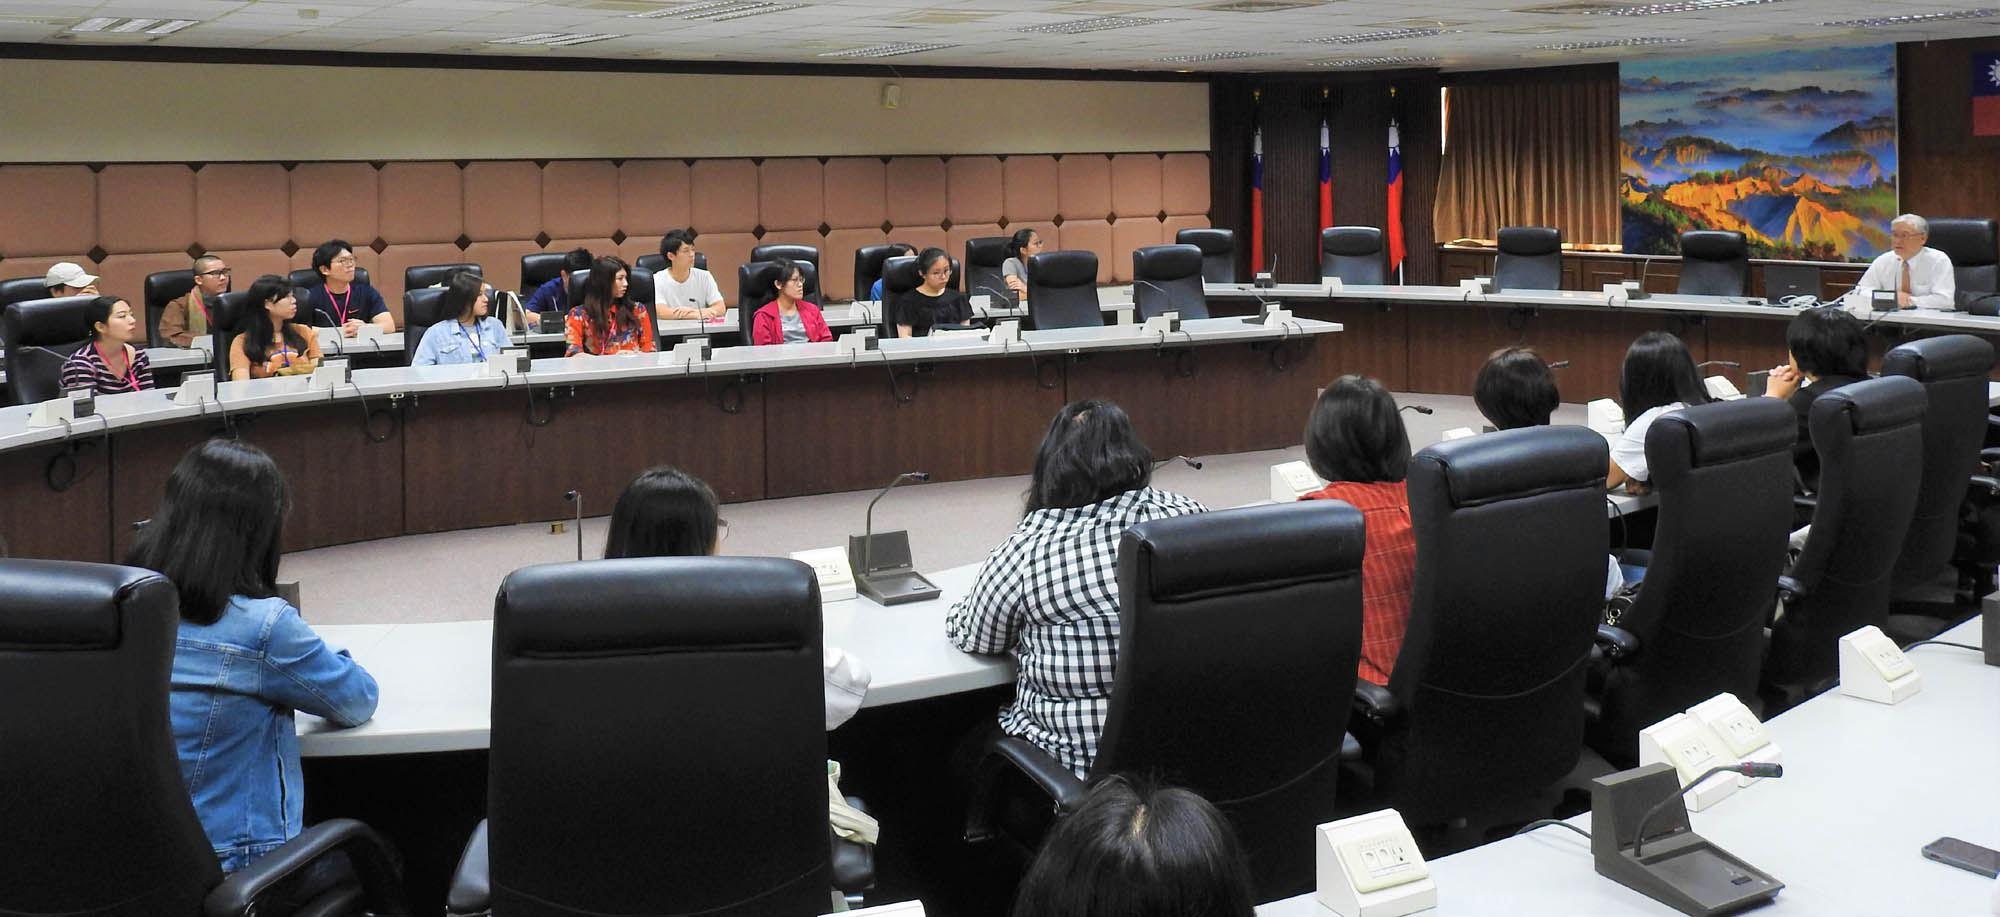 夏立言大使以台灣外交情勢為題進行課程演說,並與國內外學生就國際議題相互交流.jpg